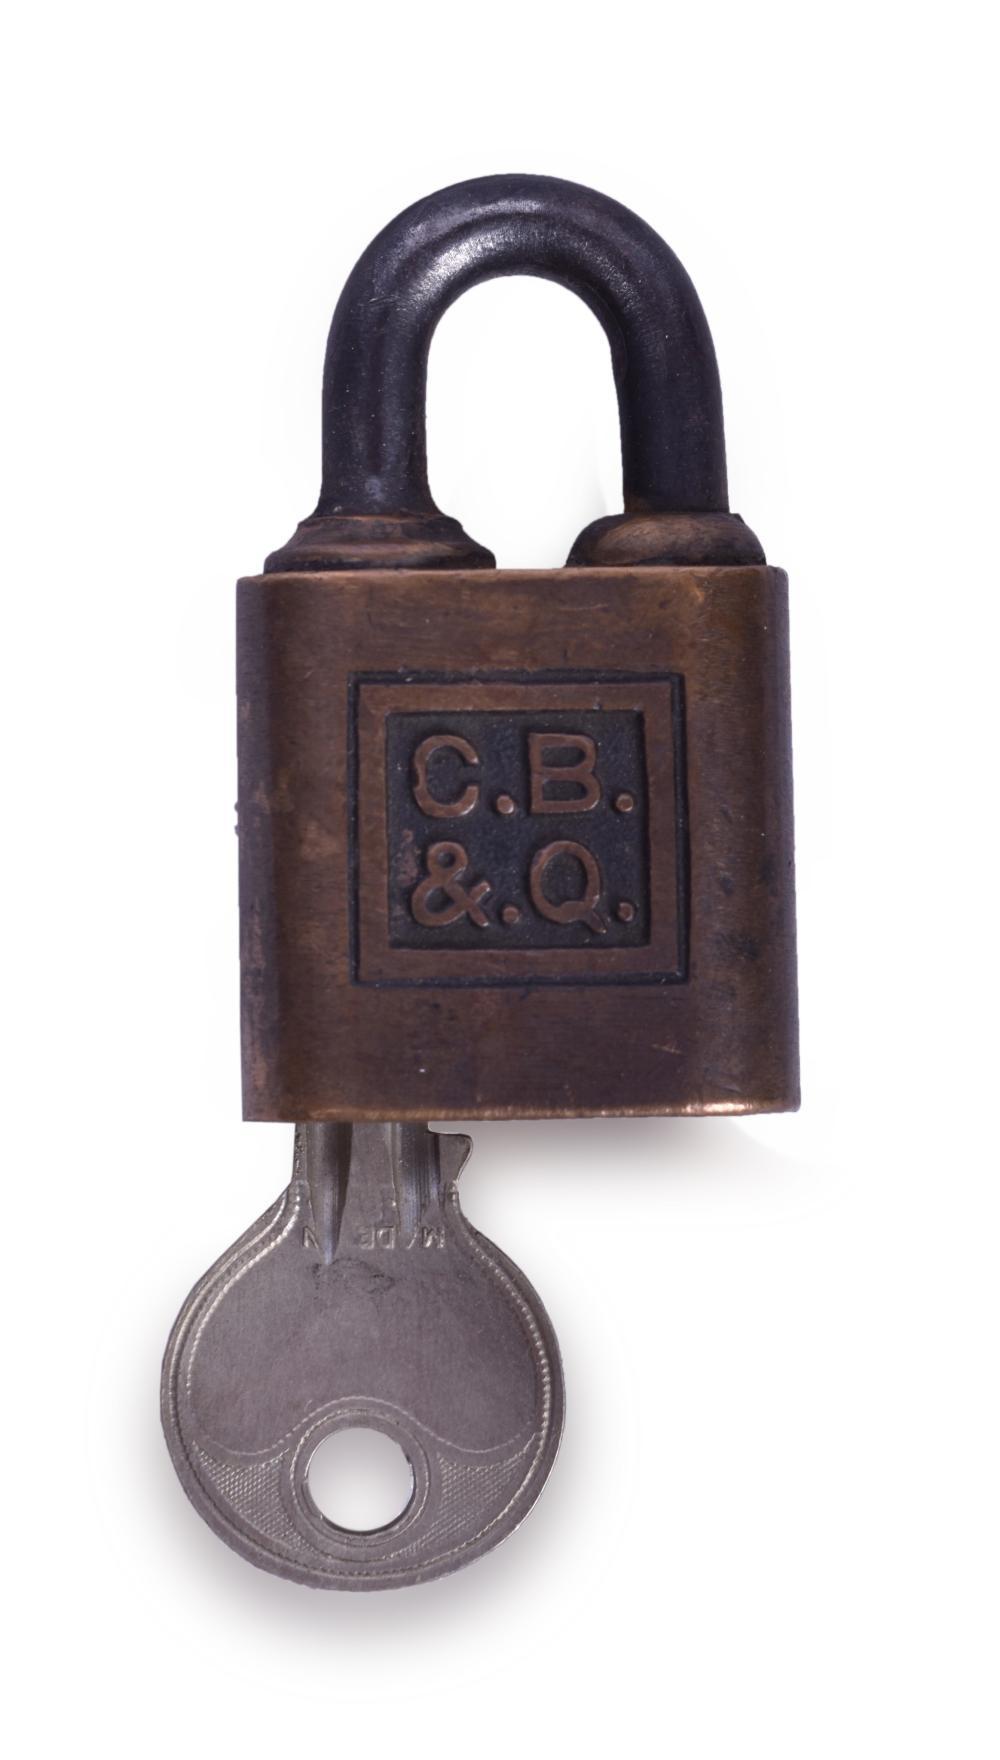 CB&Q / Burlington Railroad Brass Small Signal Department Yale Lock w/ Key